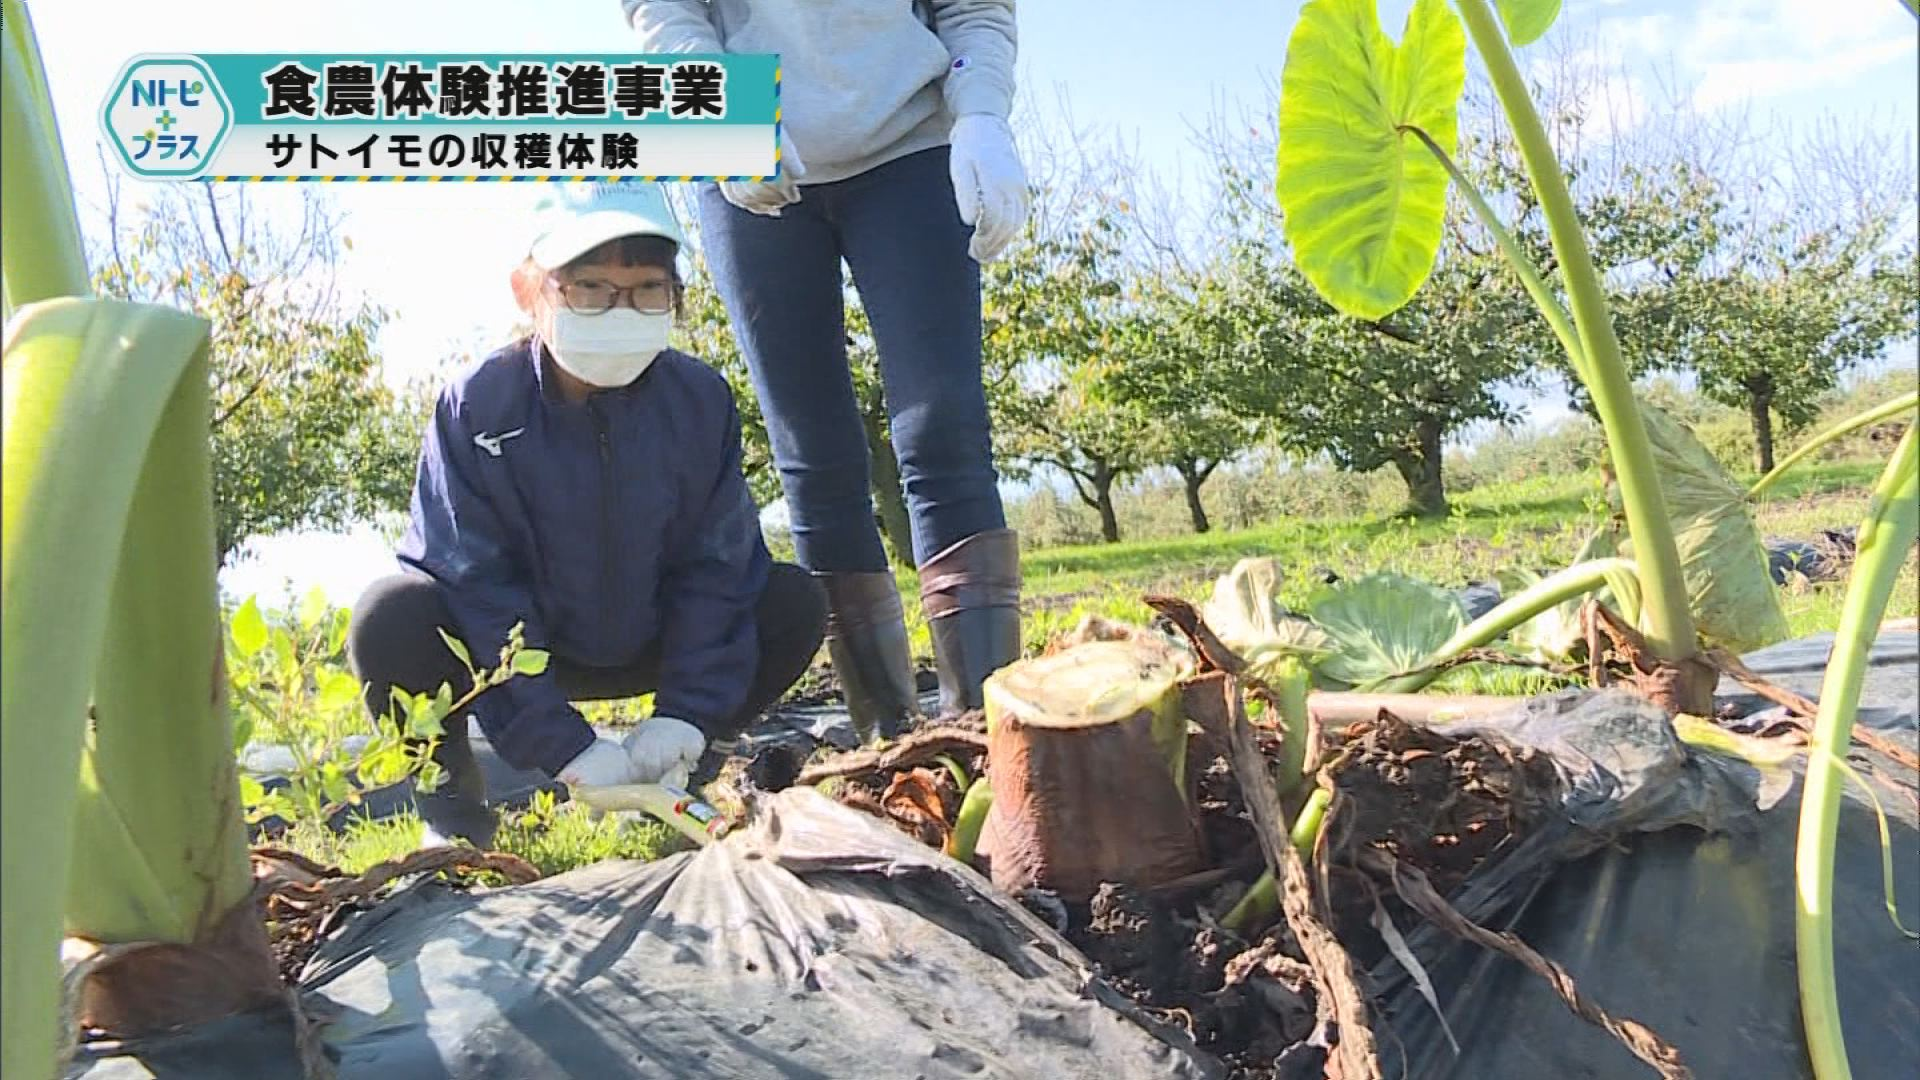 「食農体験推進事業」サトイモの収穫体験